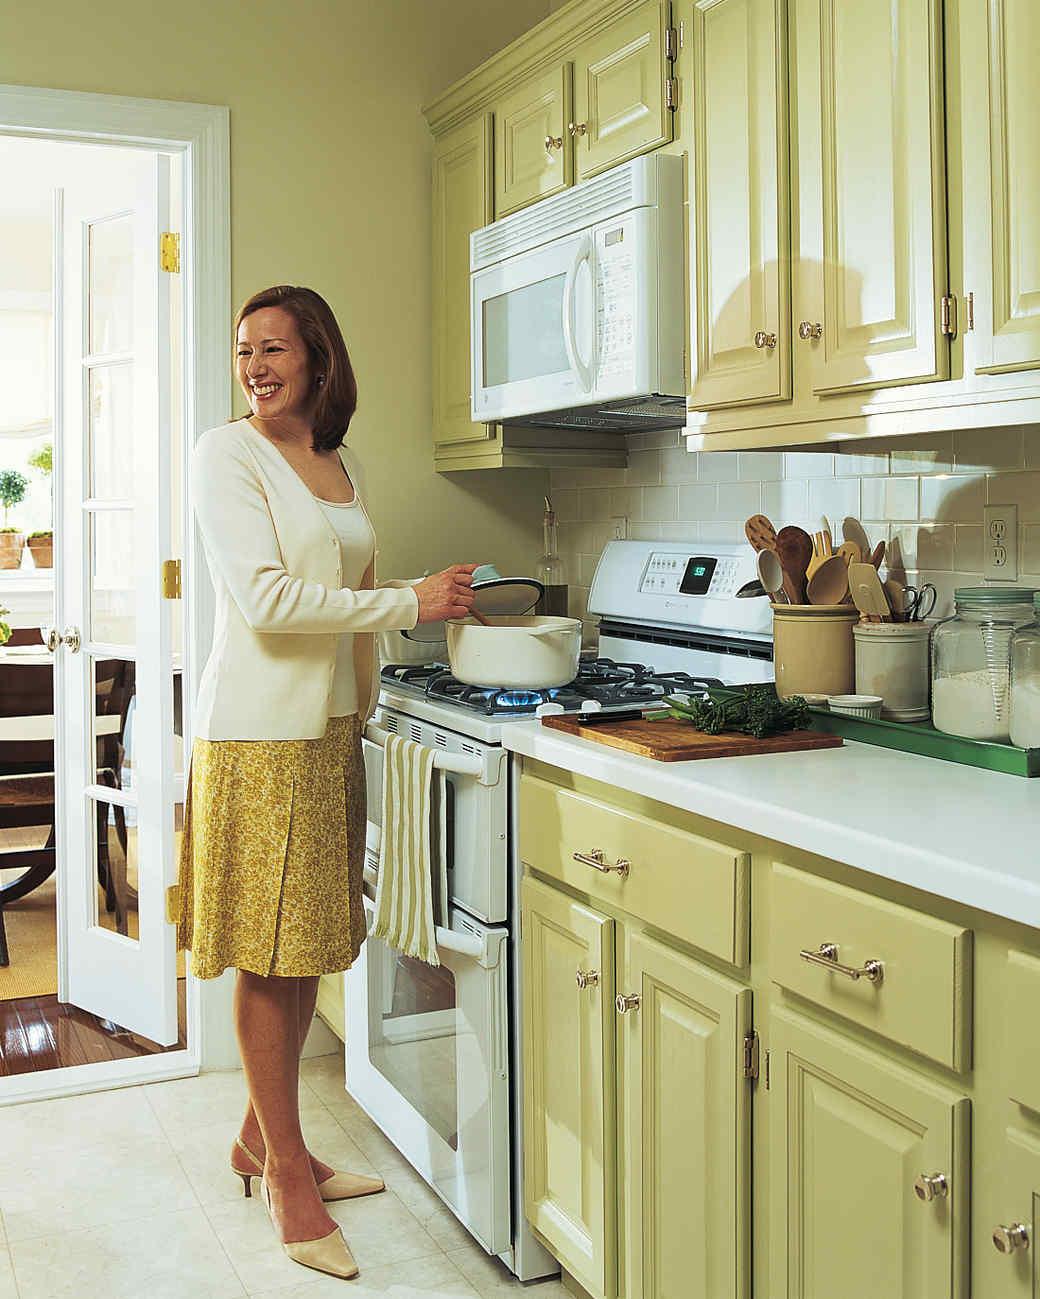 kitchen-transformed-06-d100607-0815.jpg